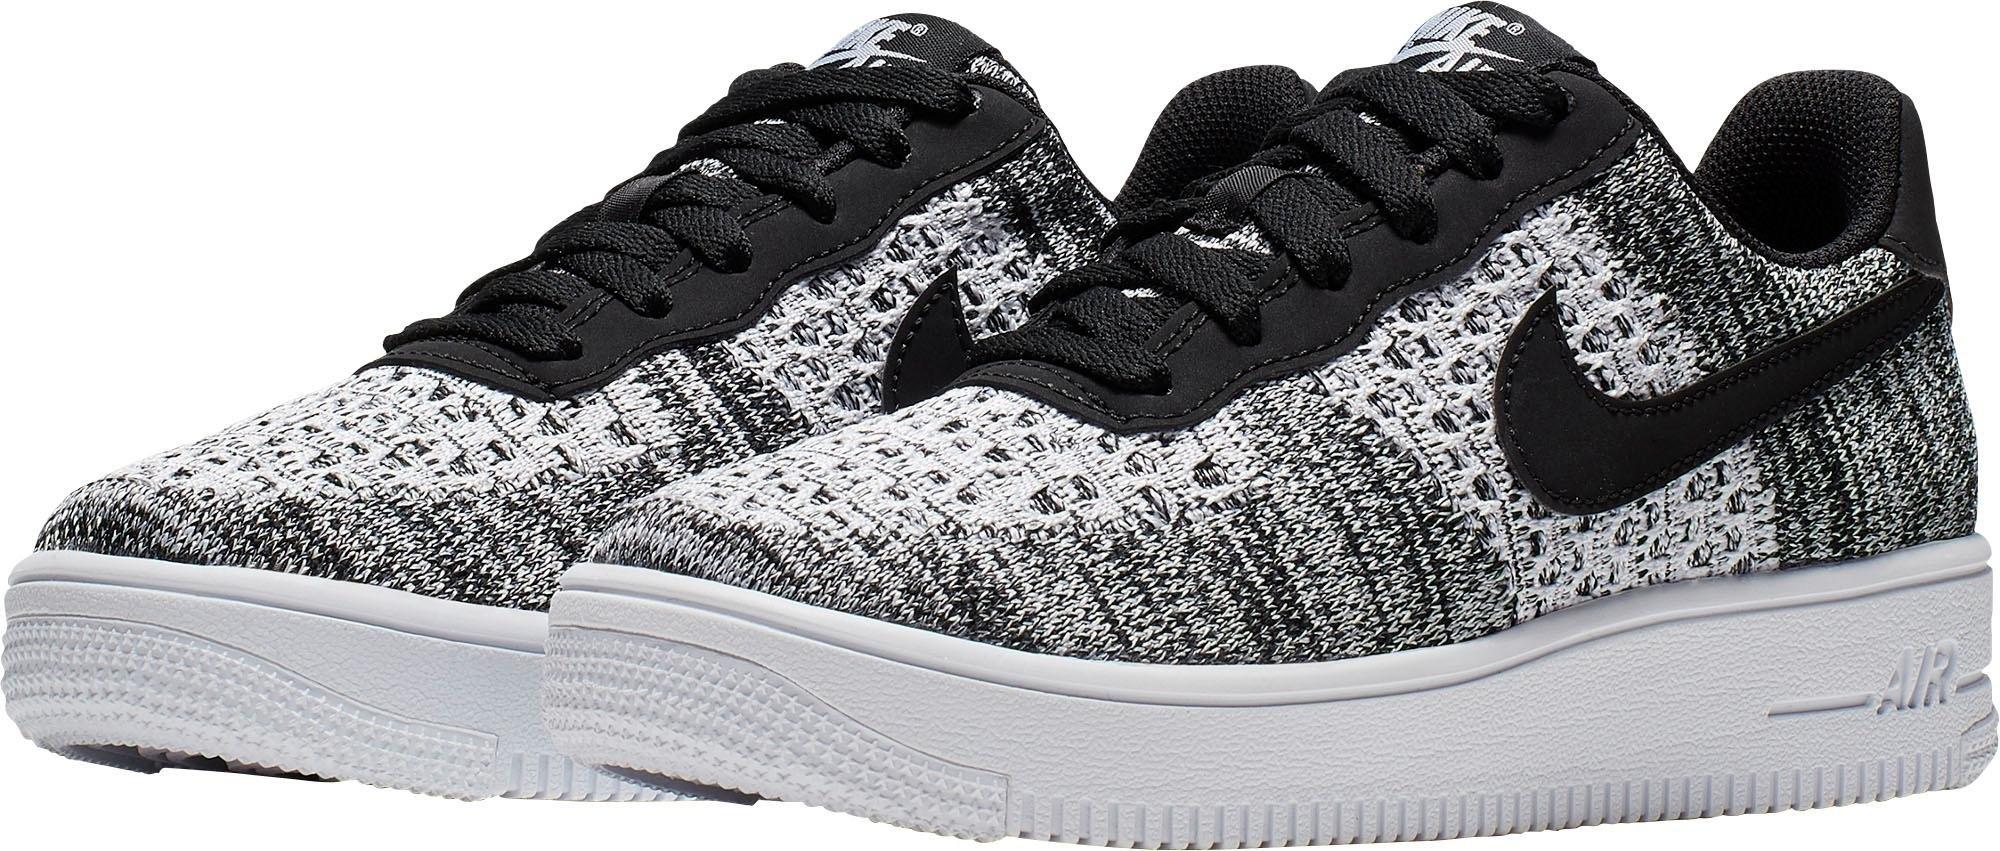 Nike Sportswear sneakers »AIR FORCE 1 FLYKNIT 2.0 BG« online kopen op otto.nl